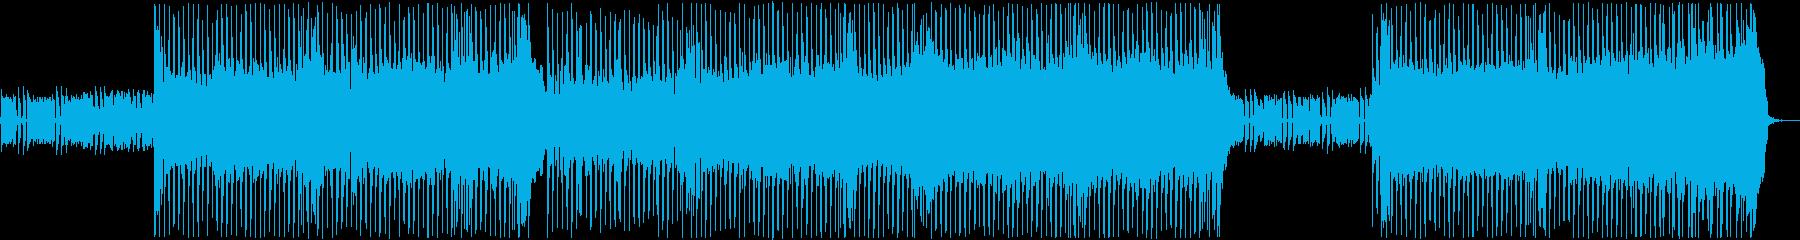 Up Tempo bluesメタル...の再生済みの波形